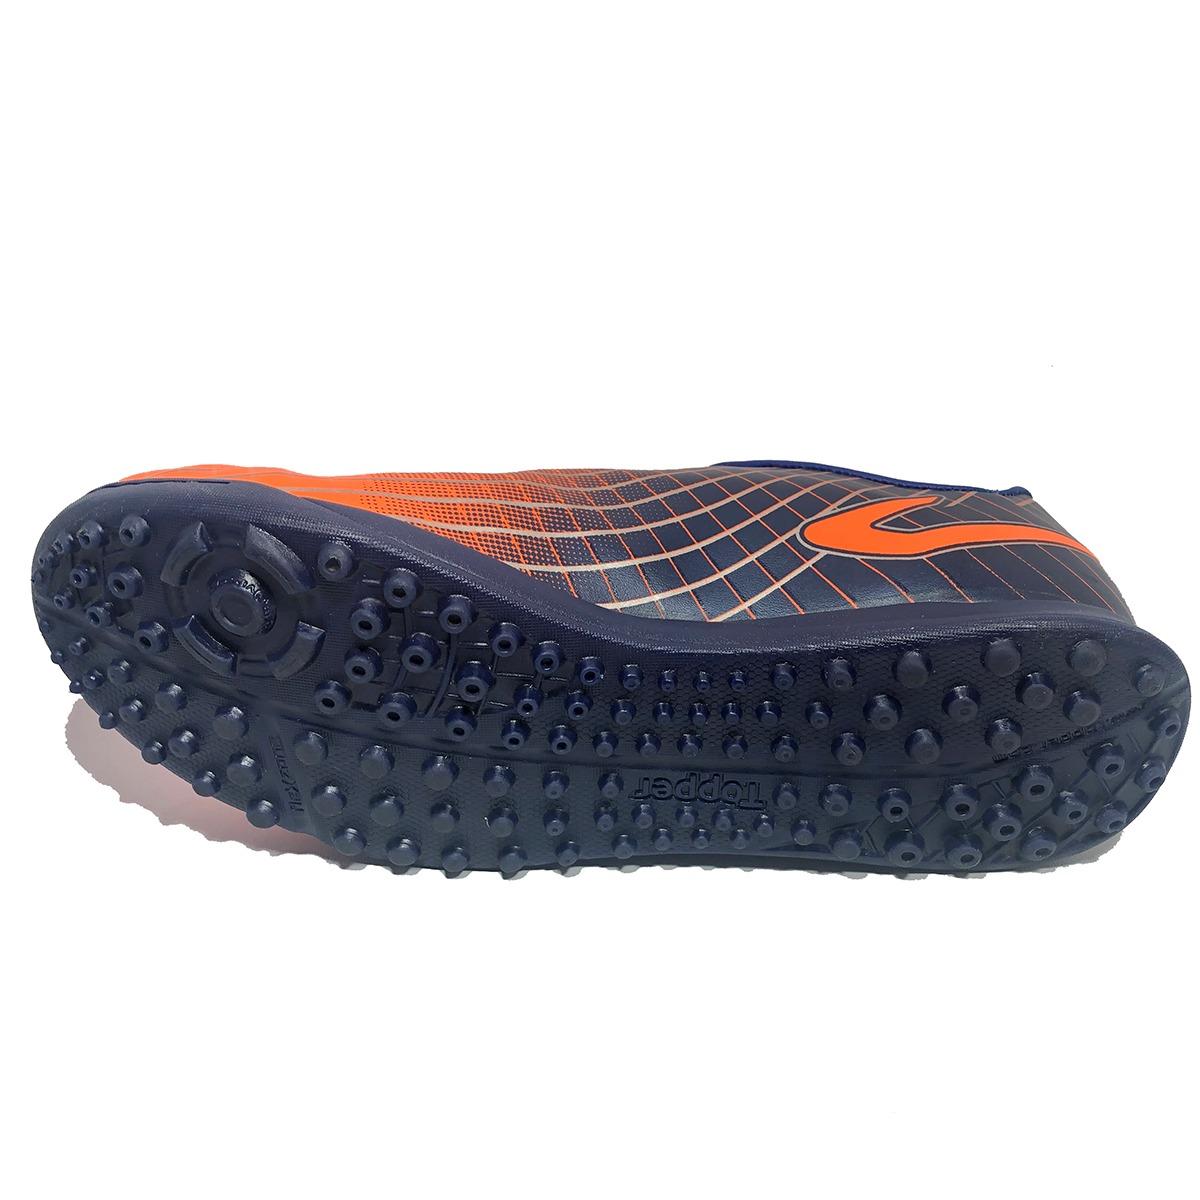 29e5793431 chuteira topper ultra society neon - laranja e marinho. Carregando zoom.